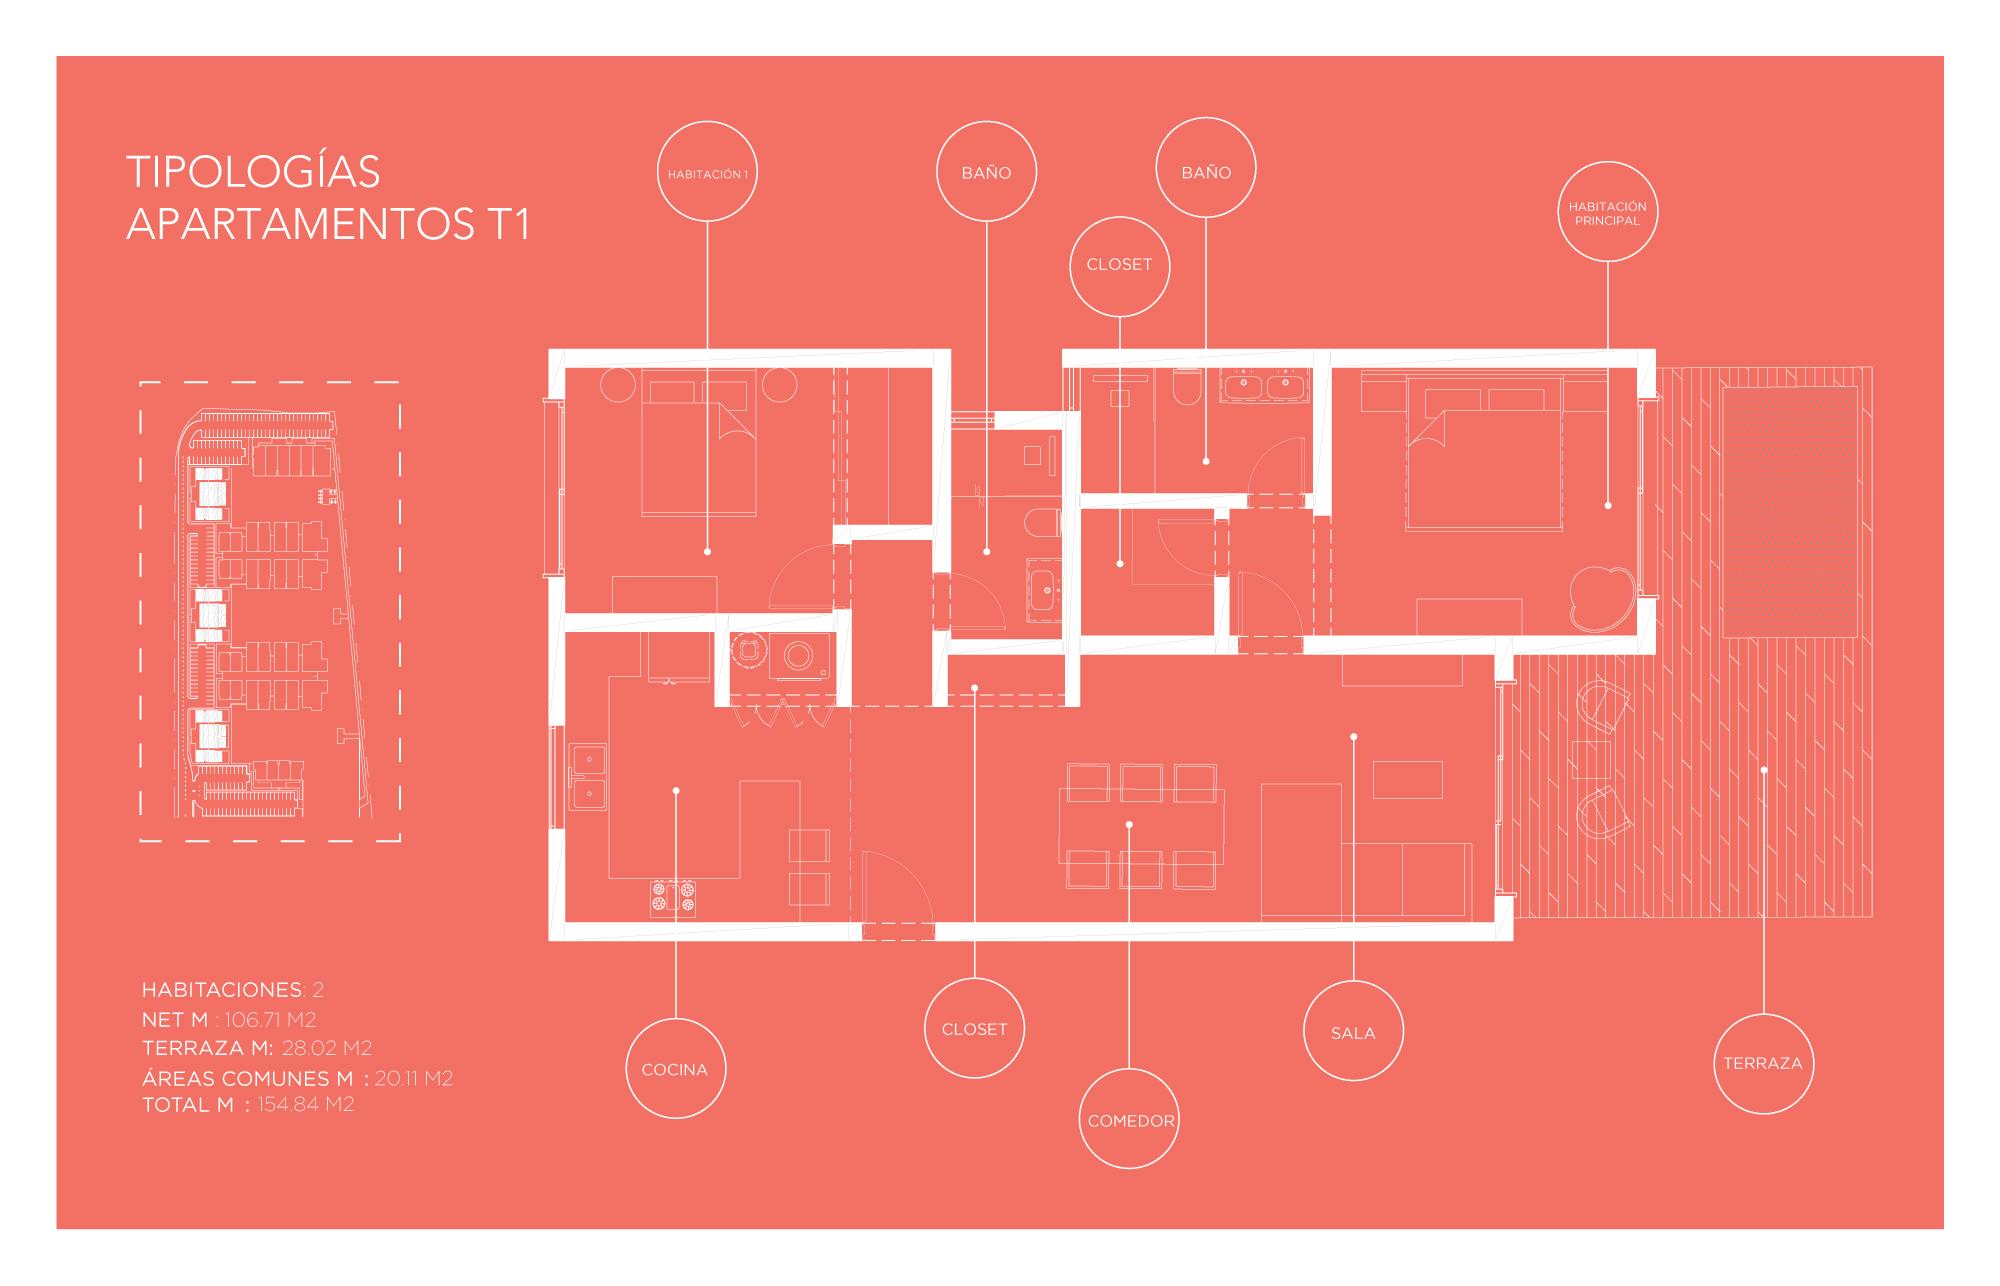 Tipología Apartamento T1 – 2 habitaciones